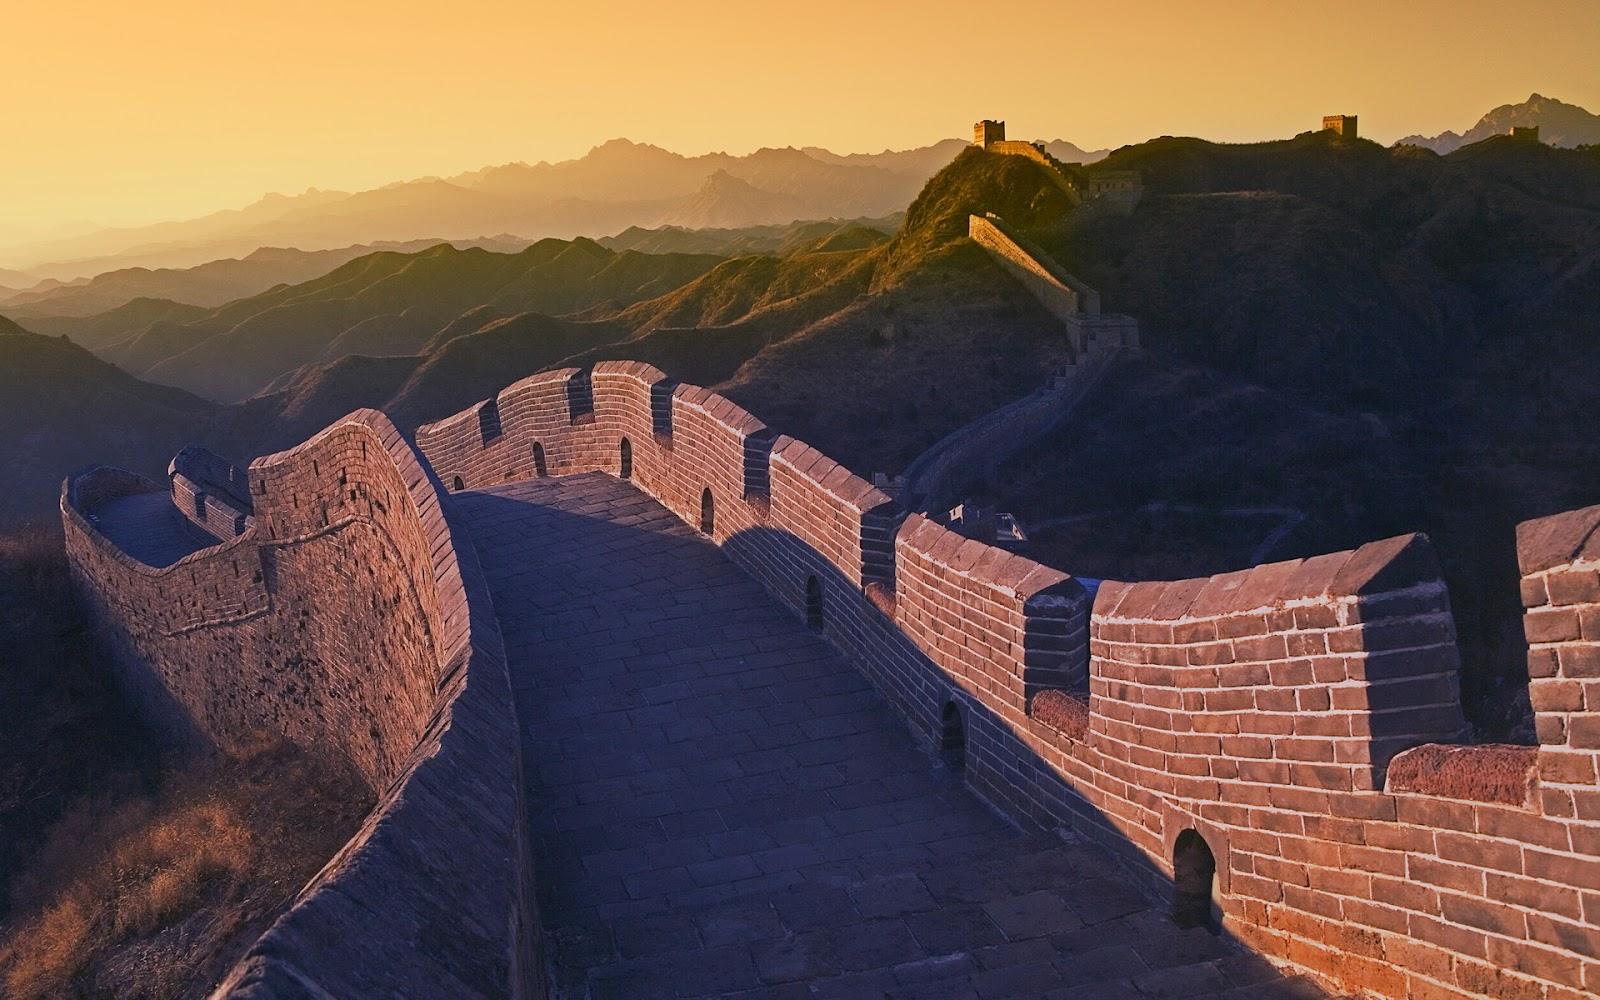 http://2.bp.blogspot.com/-6R0eyza-0Dg/TzuQj2sZaKI/AAAAAAAABM0/gypEx5UI2uk/s1600/Great_Wall_of_China.jpg